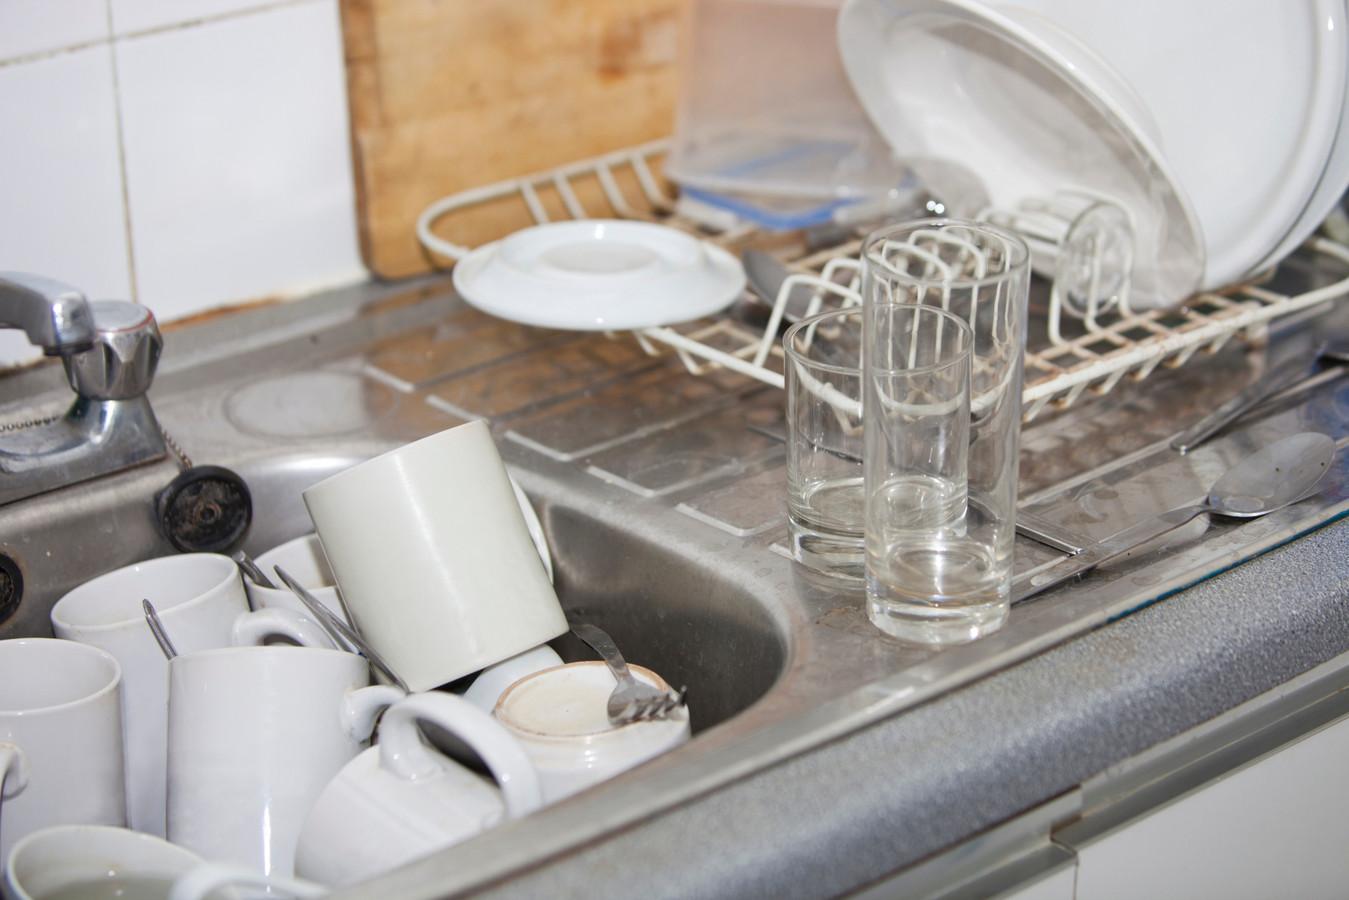 De afwas doen, een bed verschonen of de container buiten zetten. Wie zorgbehoevend is en voor een kleine praktische klus hulp nodig heeft, kan de Mobiele Hulpbrigade bellen in Heeswijk-Dinther en Loosbroek.